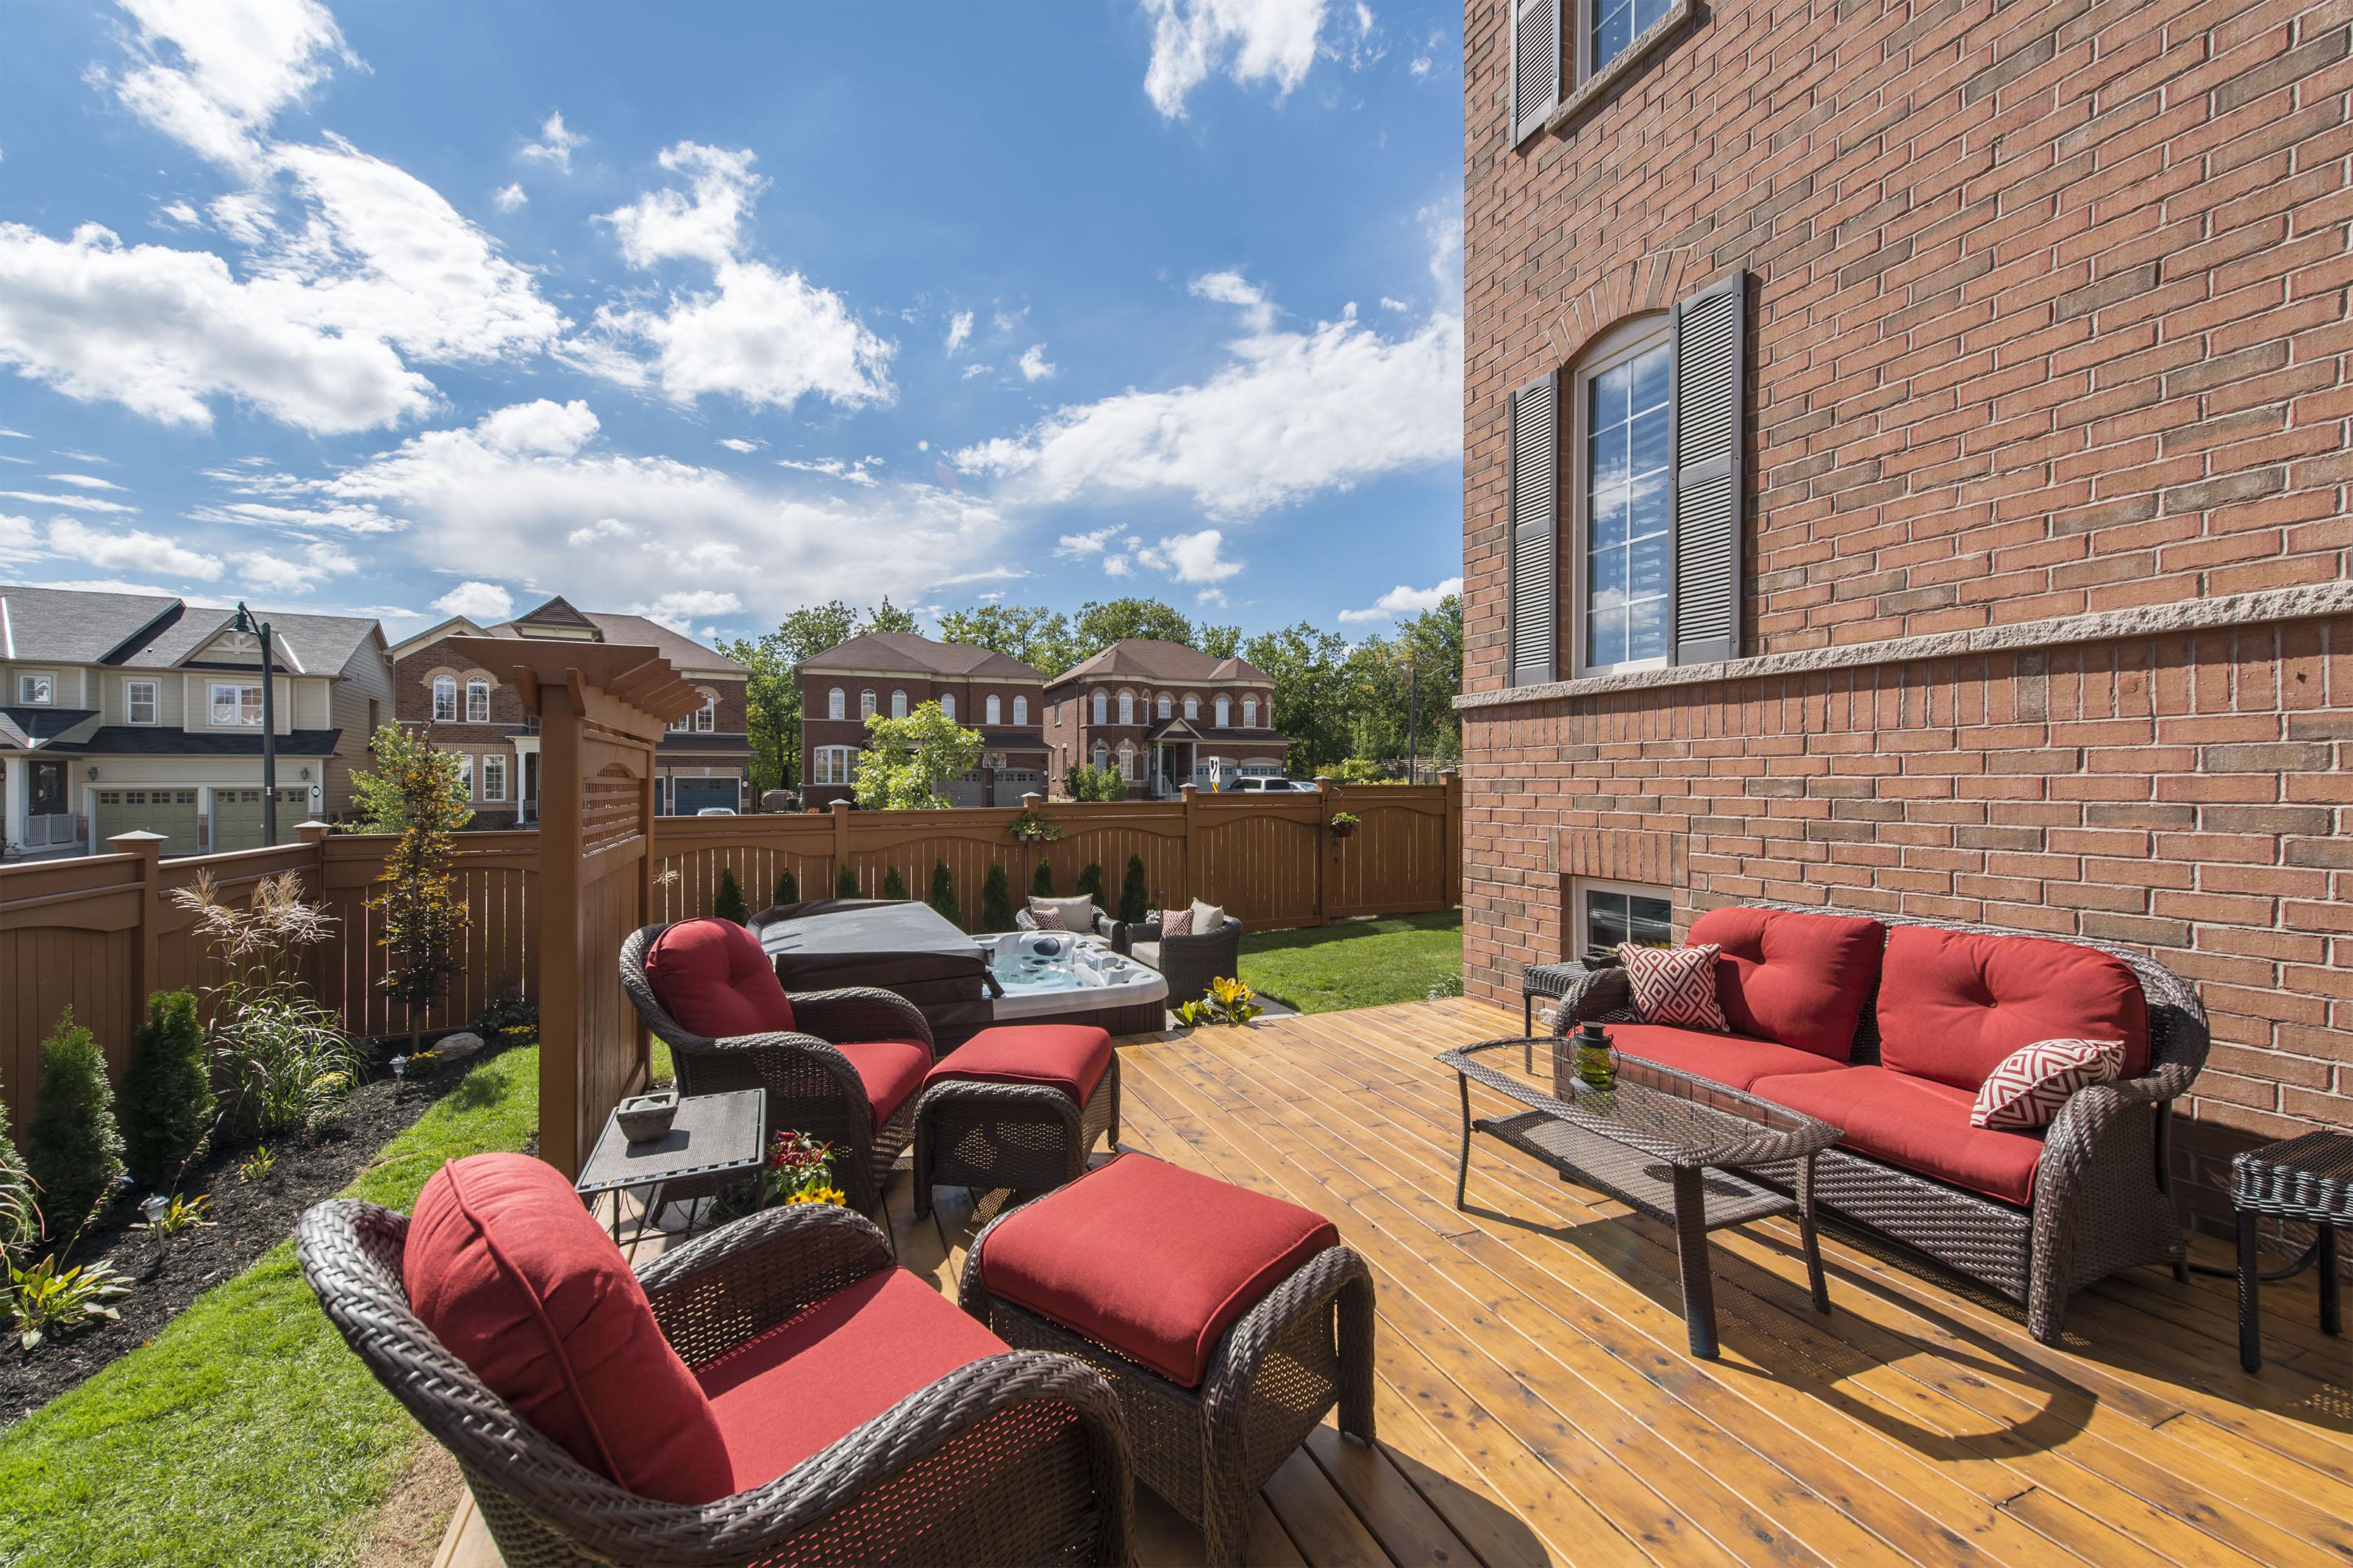 backyard buyers 28 images testimonials backyard buyers pty ltd ensure walkways and